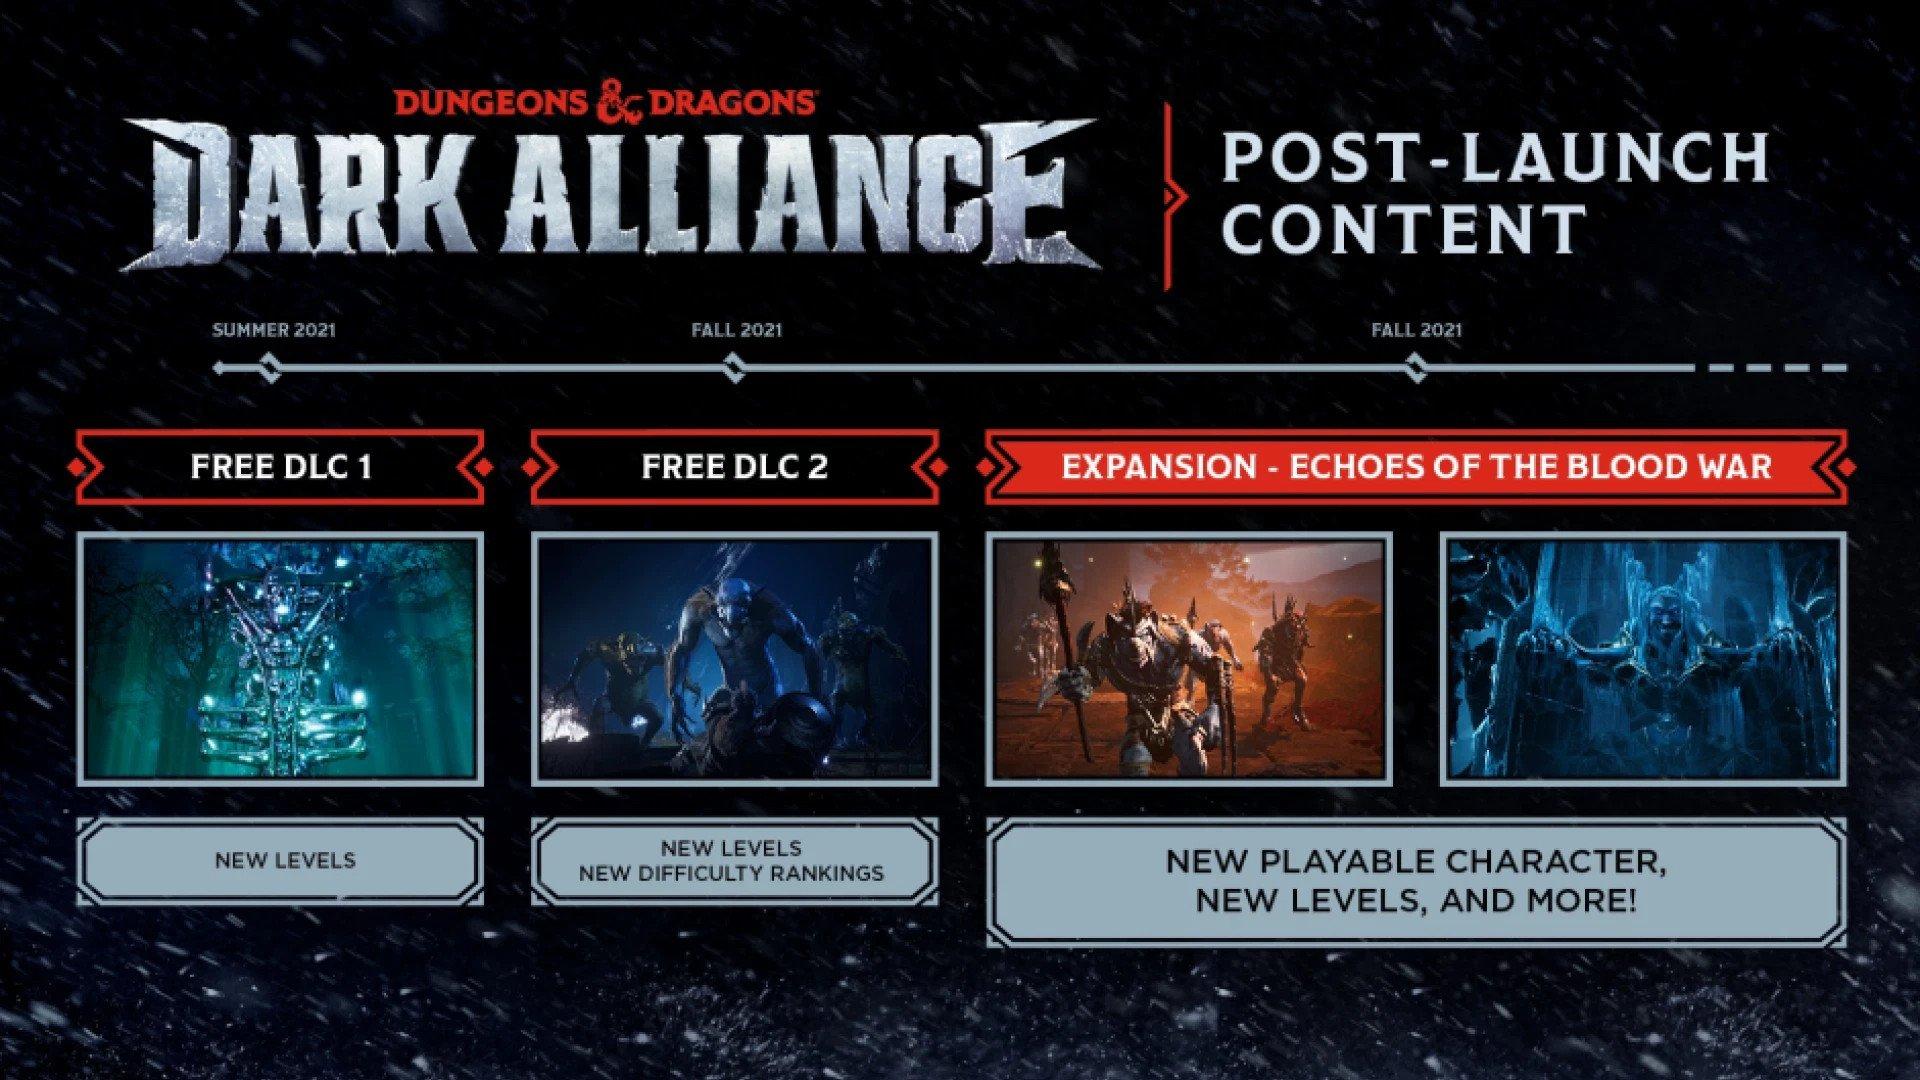 Imagem do calendário de conteúdos de pós-lançamento de Dungeons & Dragons: Dark Alliance